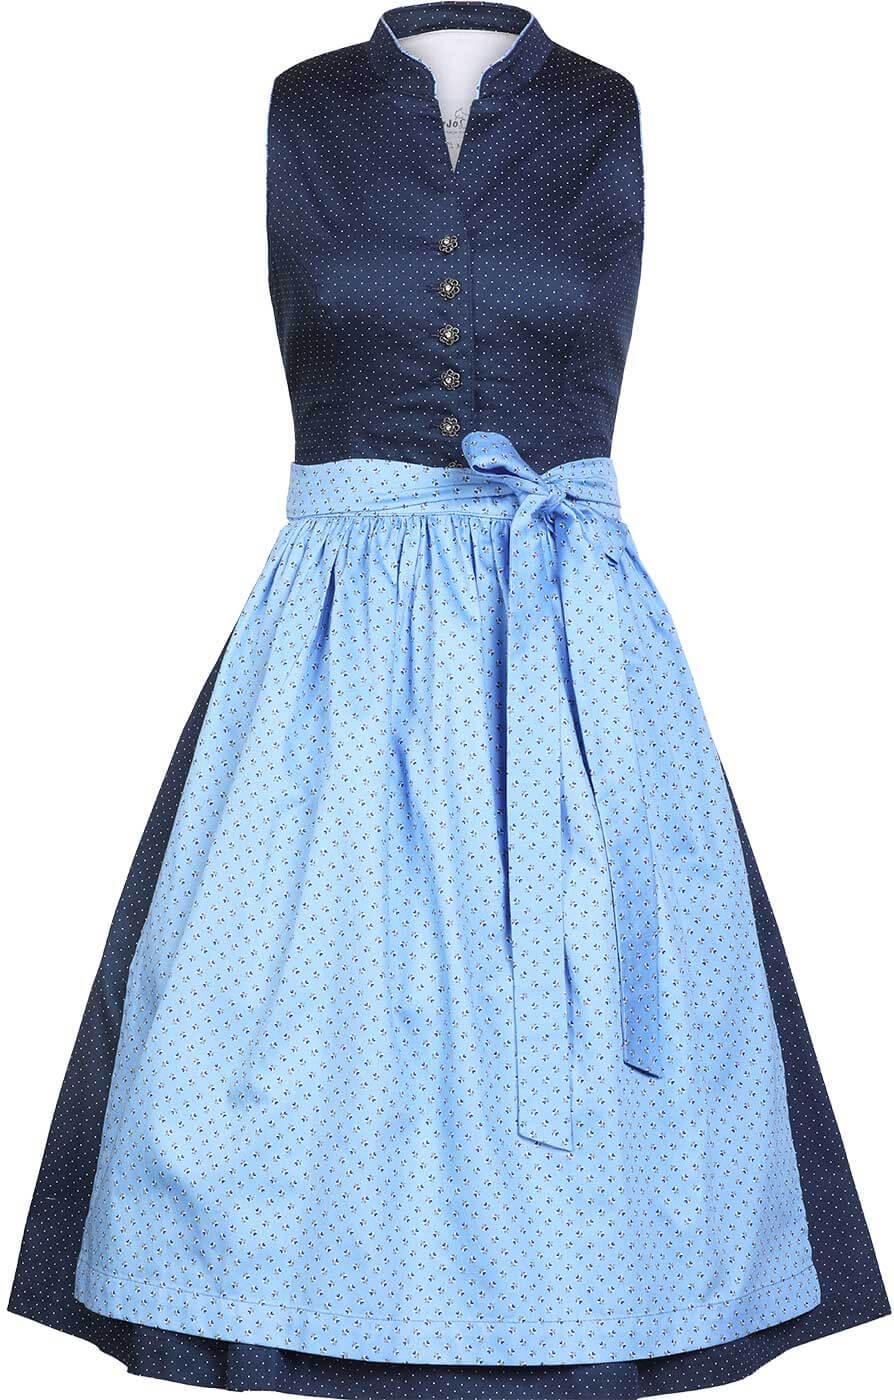 weitere Bilder von Midi Dirndl Helene 2tlg. 60cm blau hellblau